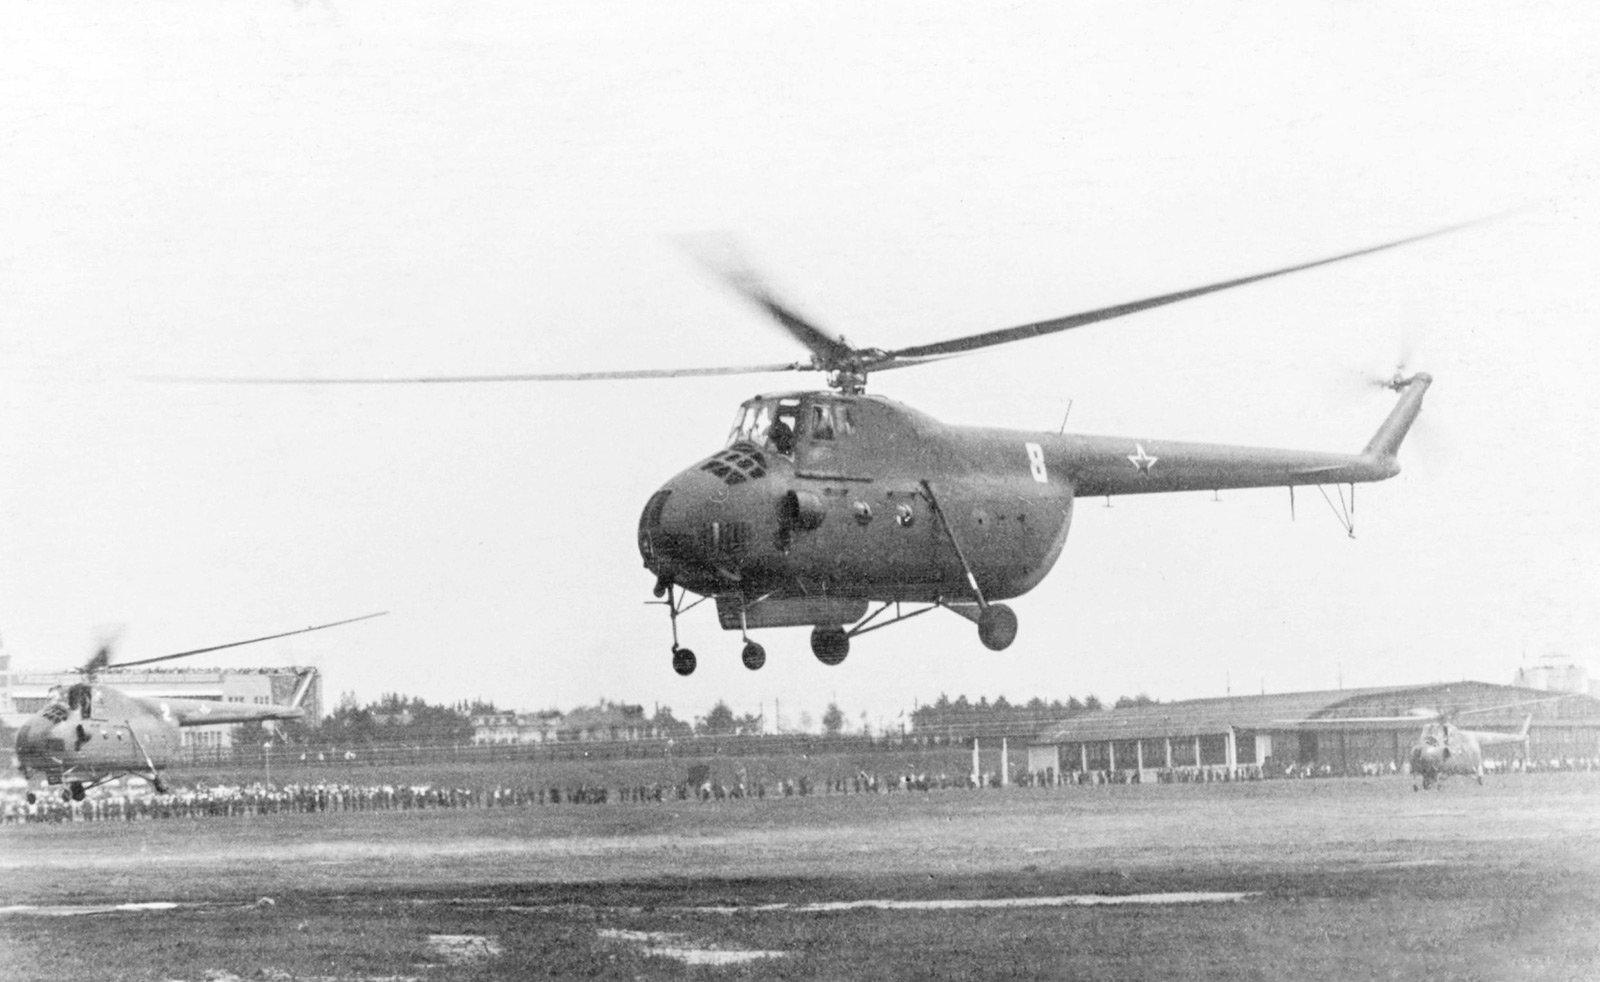 Вертолеты садятся на аэродром во время воздушного парада на Тушинском аэродроме. Автор В. Носков. Август 1953 года. Главархив Москвы